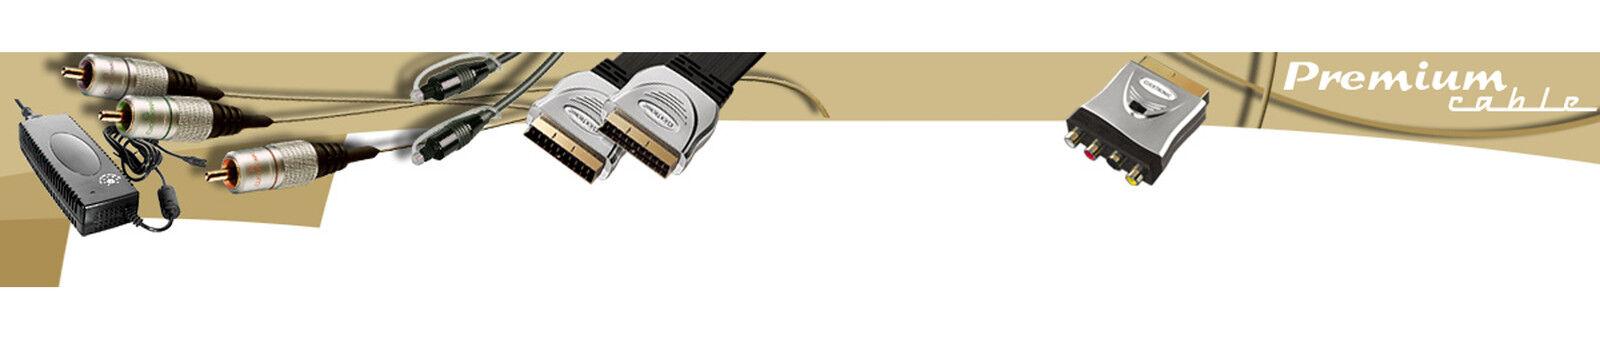 PREMIUM-CABLE-SHOP